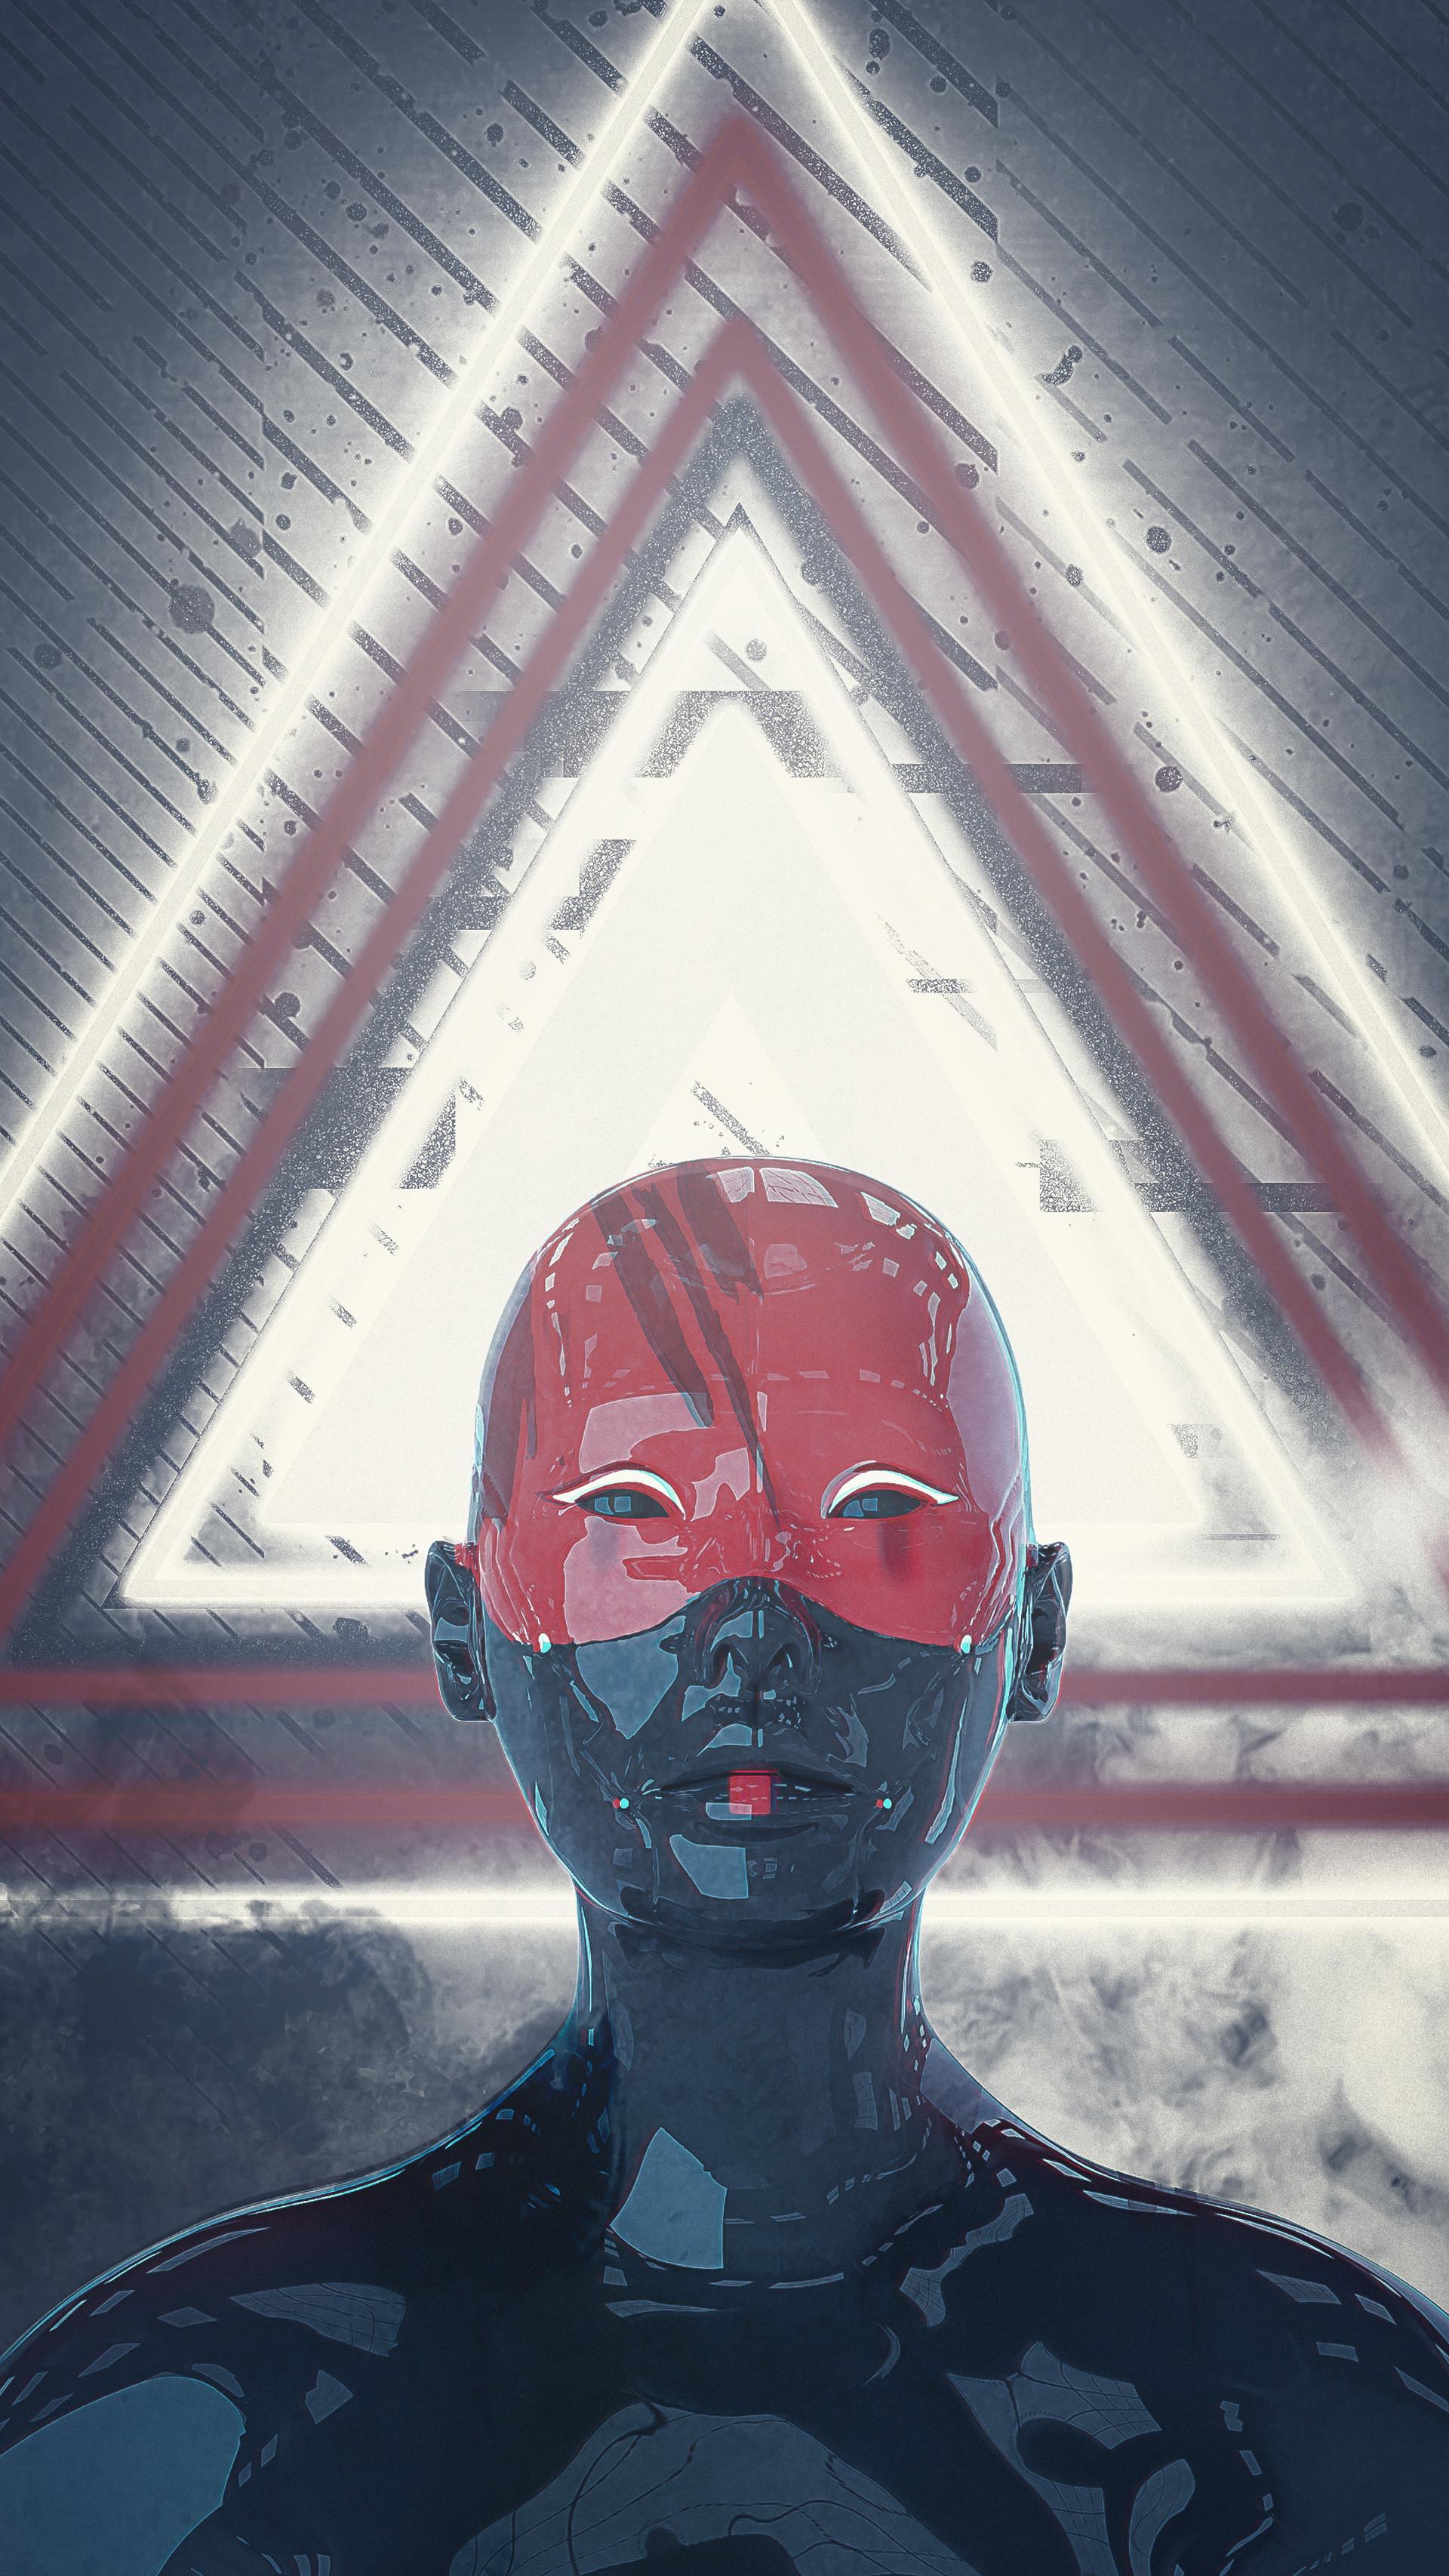 Artstation Wallpaper Inspired In Ghost In The Shell Marcelo Sousa